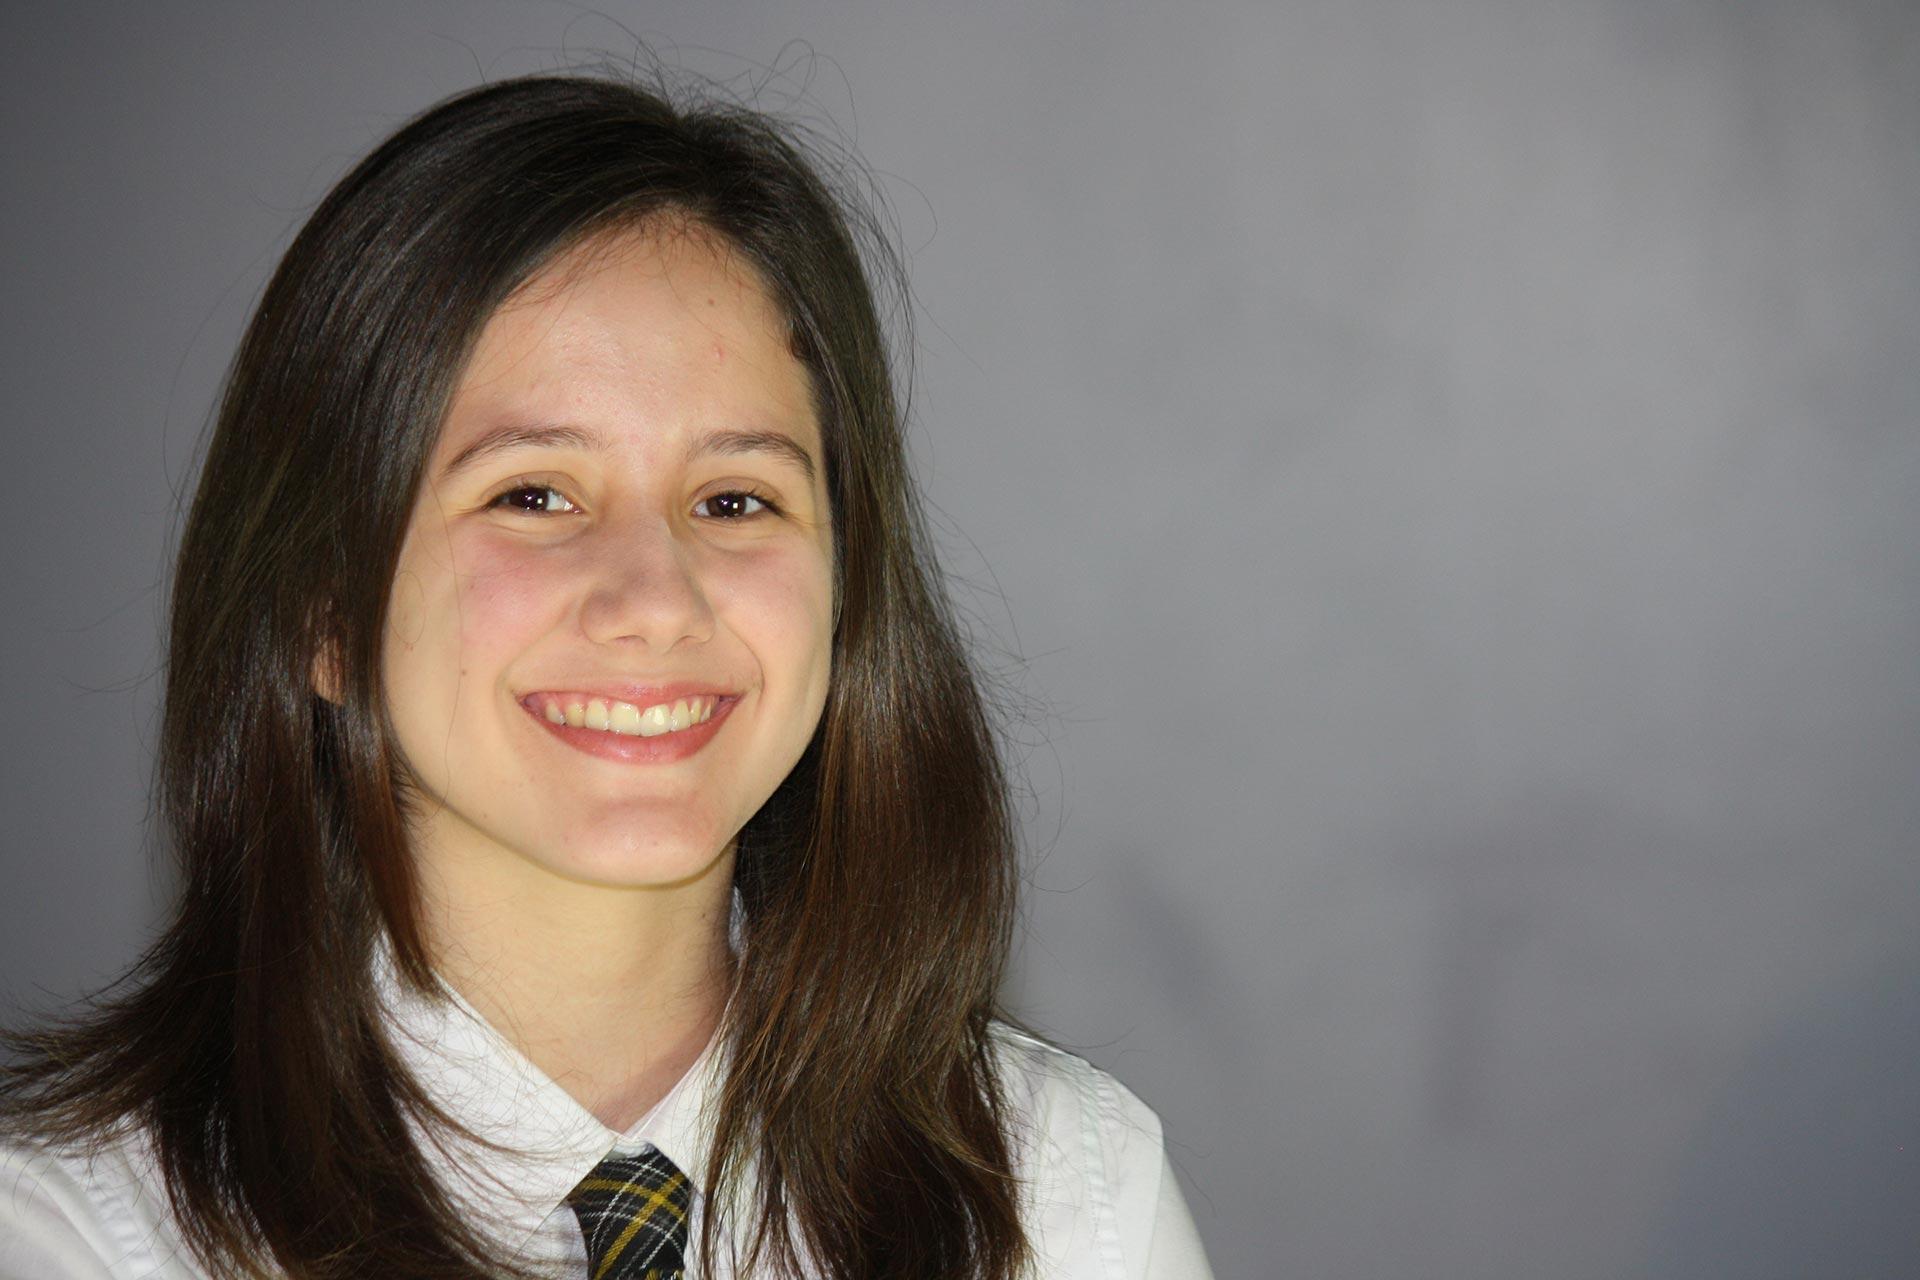 Maria Camila Palomares